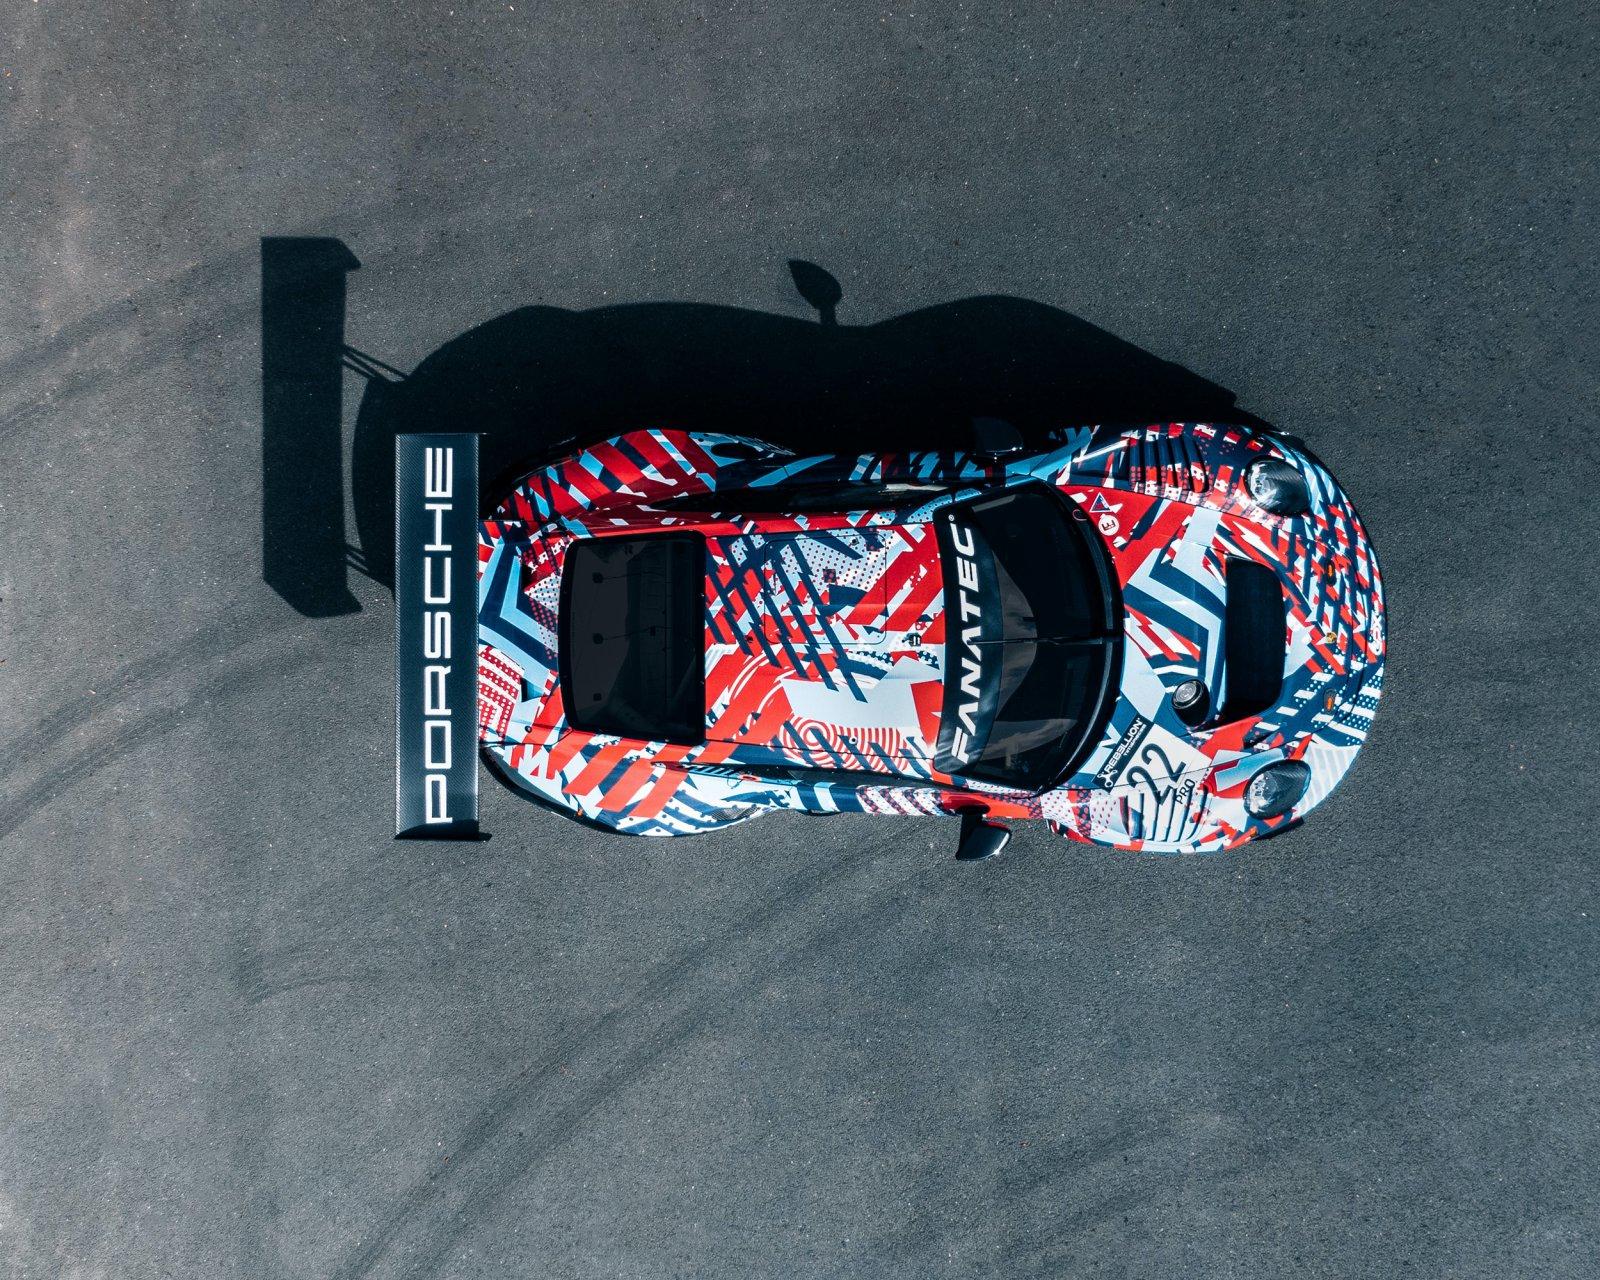 GPX Racing names Porsche factory trio for 2021 Endurance Cup programme